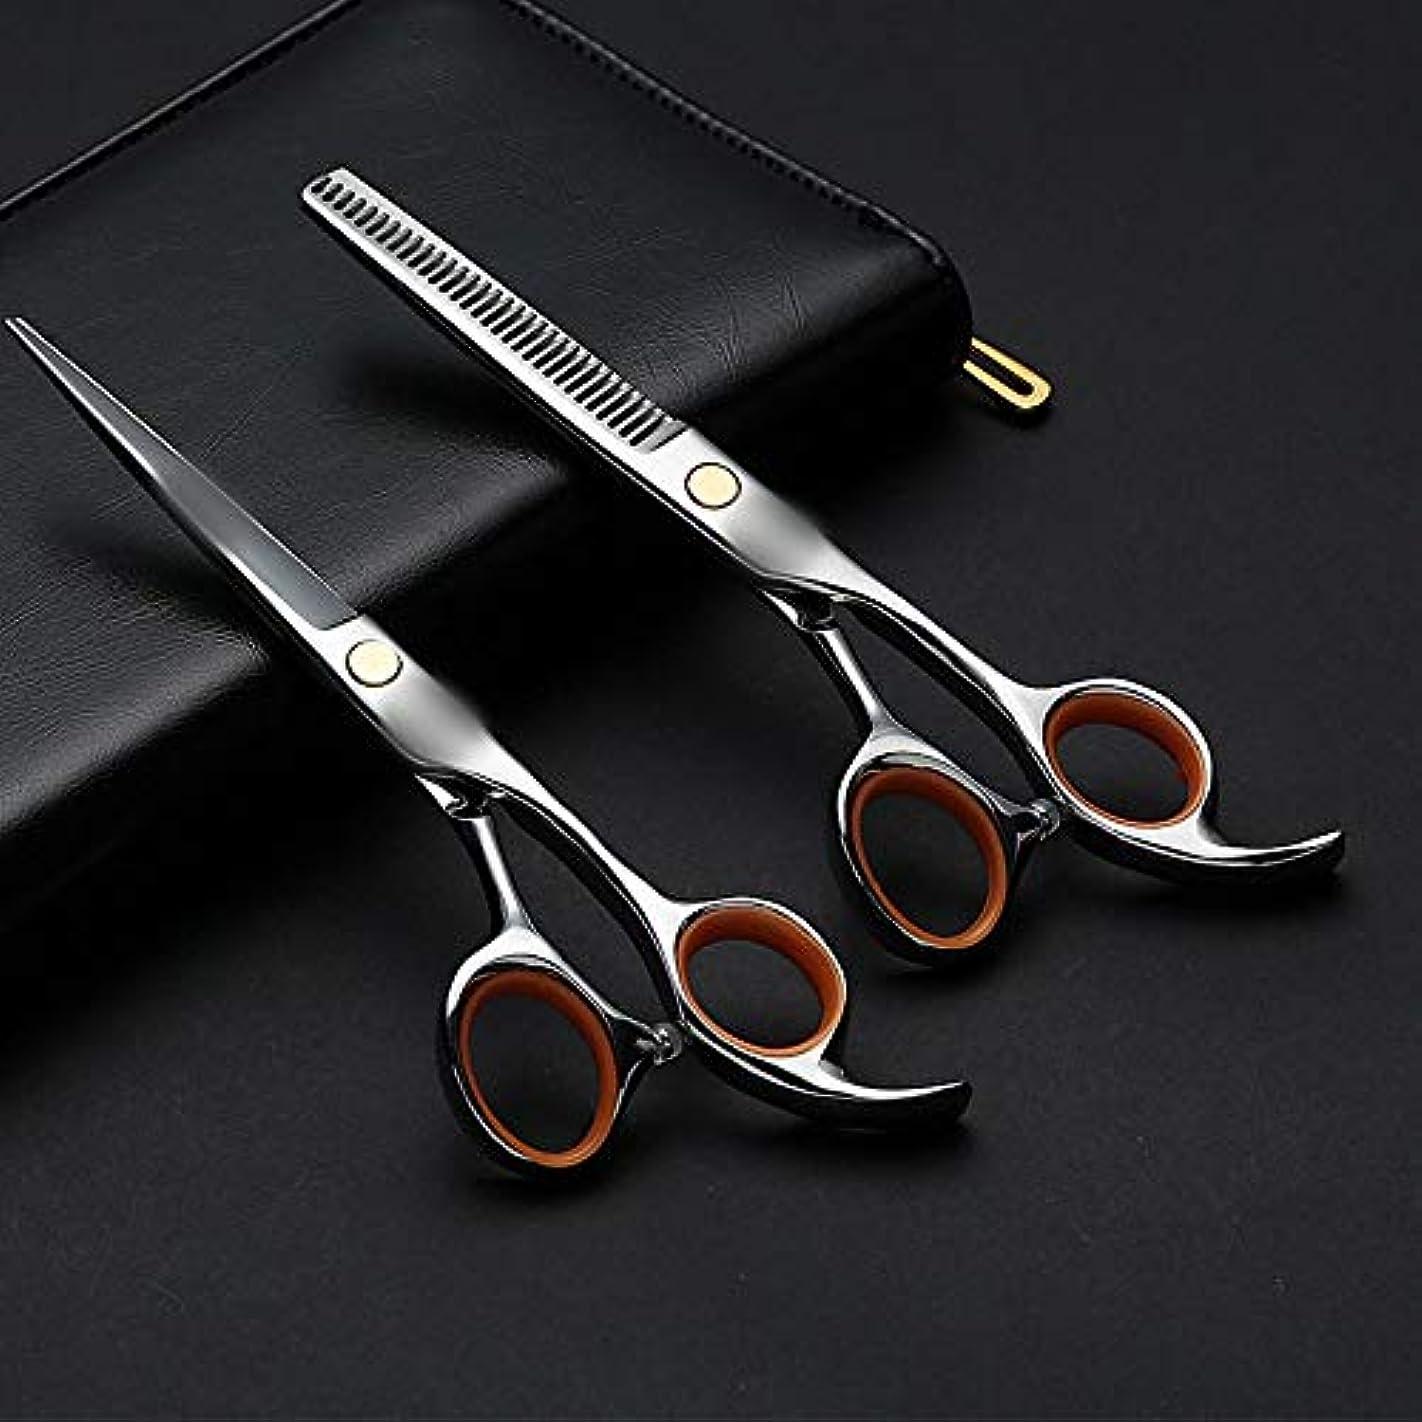 摂氏形状頼る6.0インチの専門の理髪はさみ、平らなシザー+歯はさみ理髪セット モデリングツール (色 : Silver)